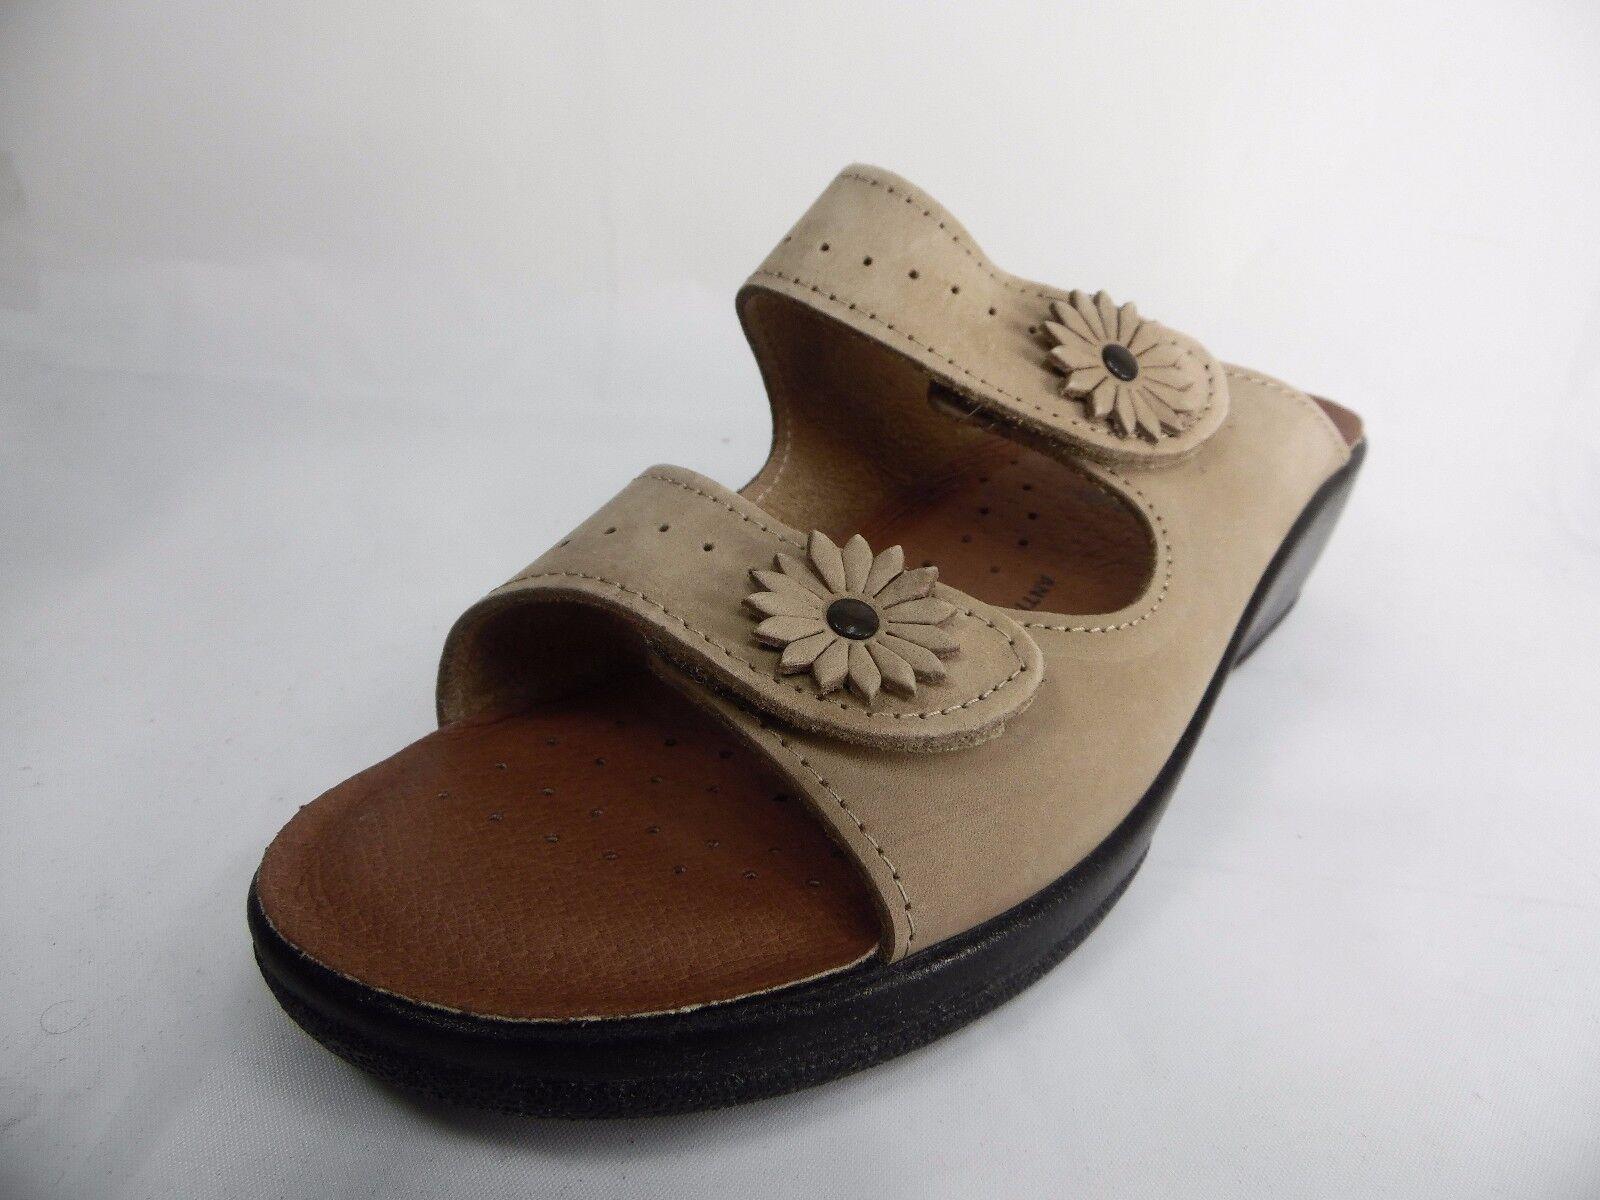 Flexus Faithful Slide Sandals Beige Dimensione Dimensione Dimensione EU40 (US 9) 4d7b3f